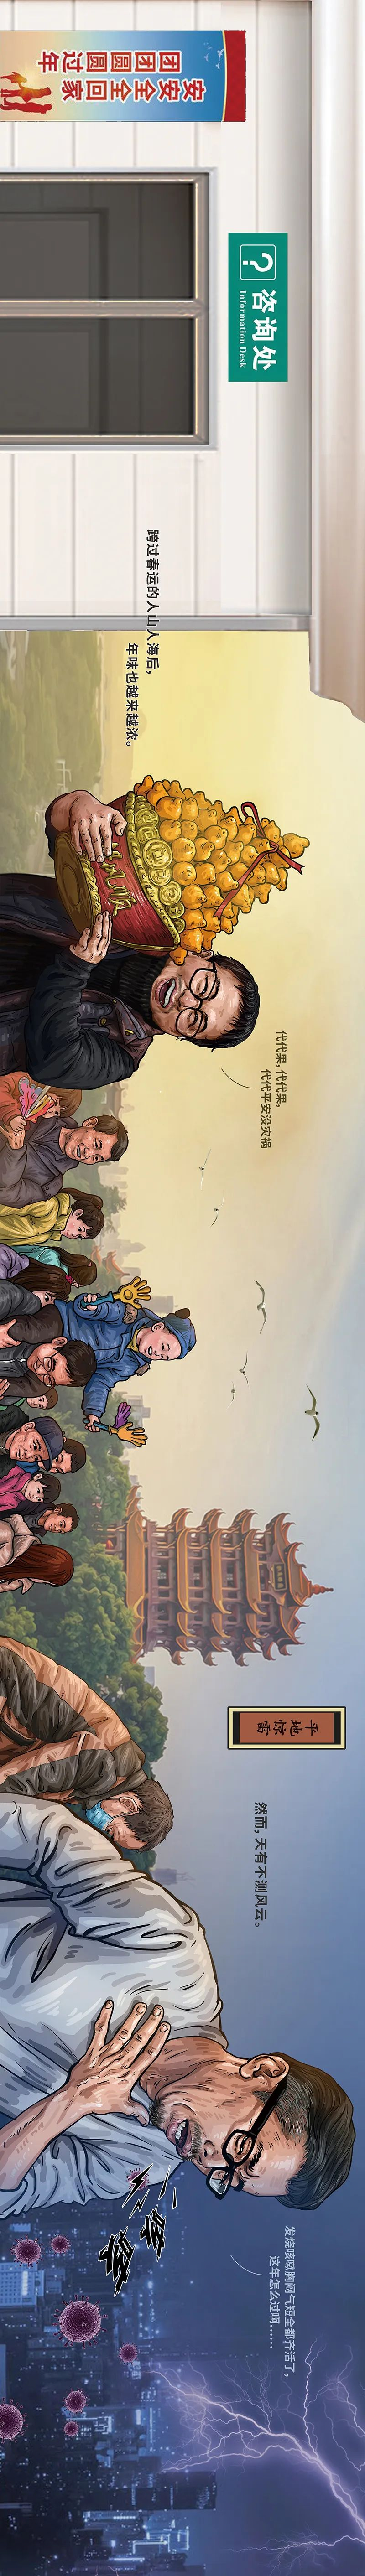 人民日报公布1张图片,感动国人!插图5